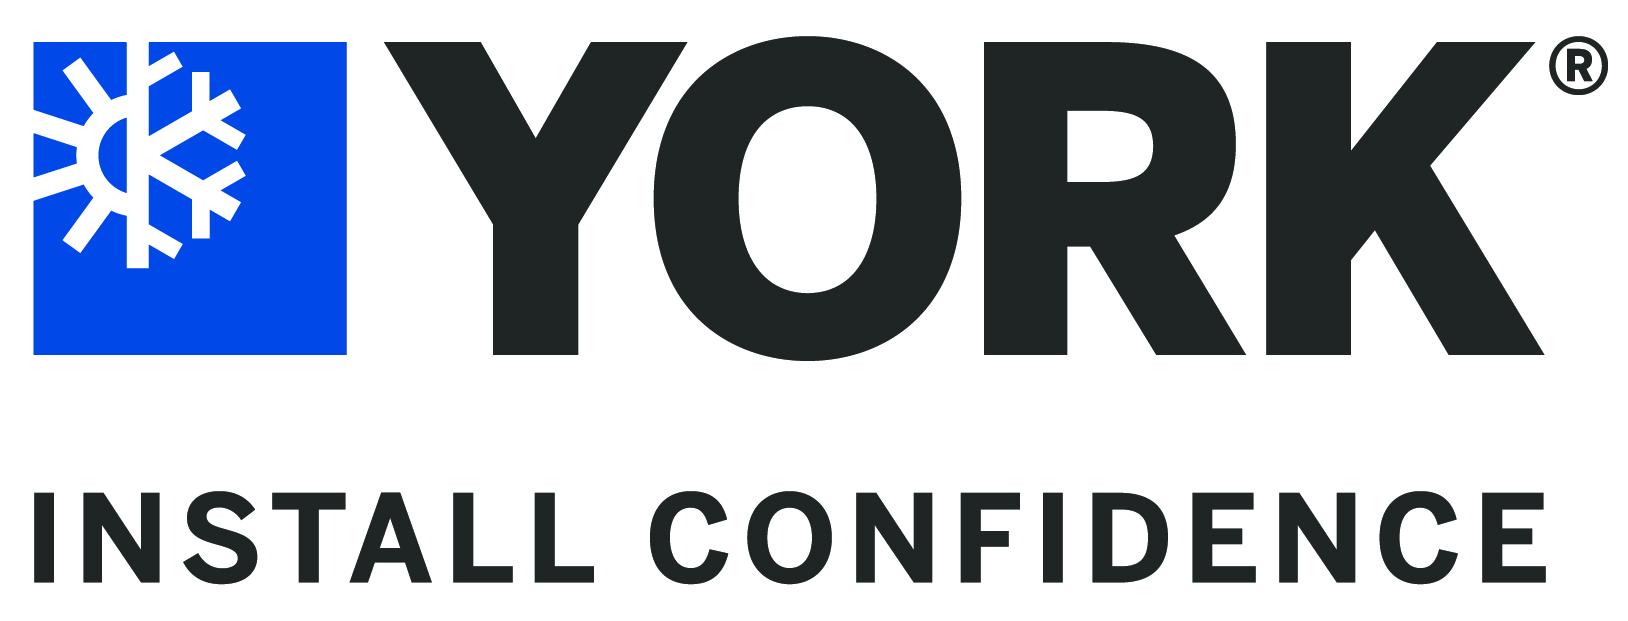 logo de la empresa york